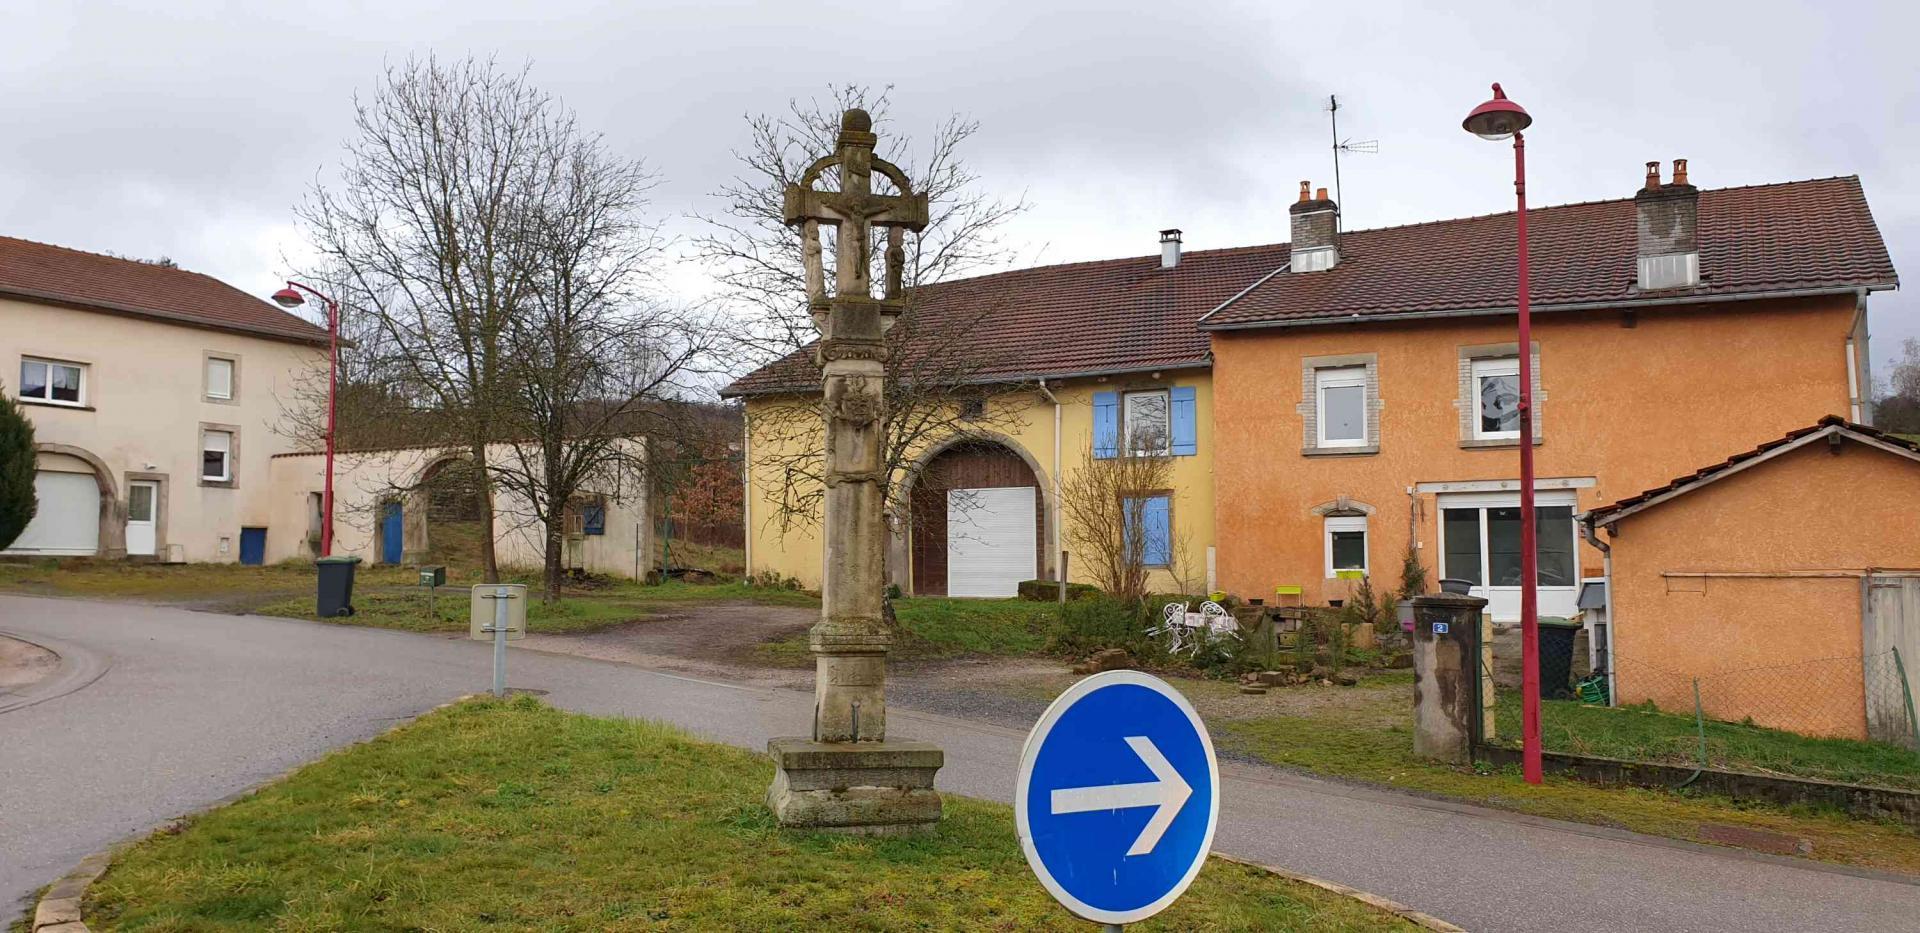 Croix rue du calvaire